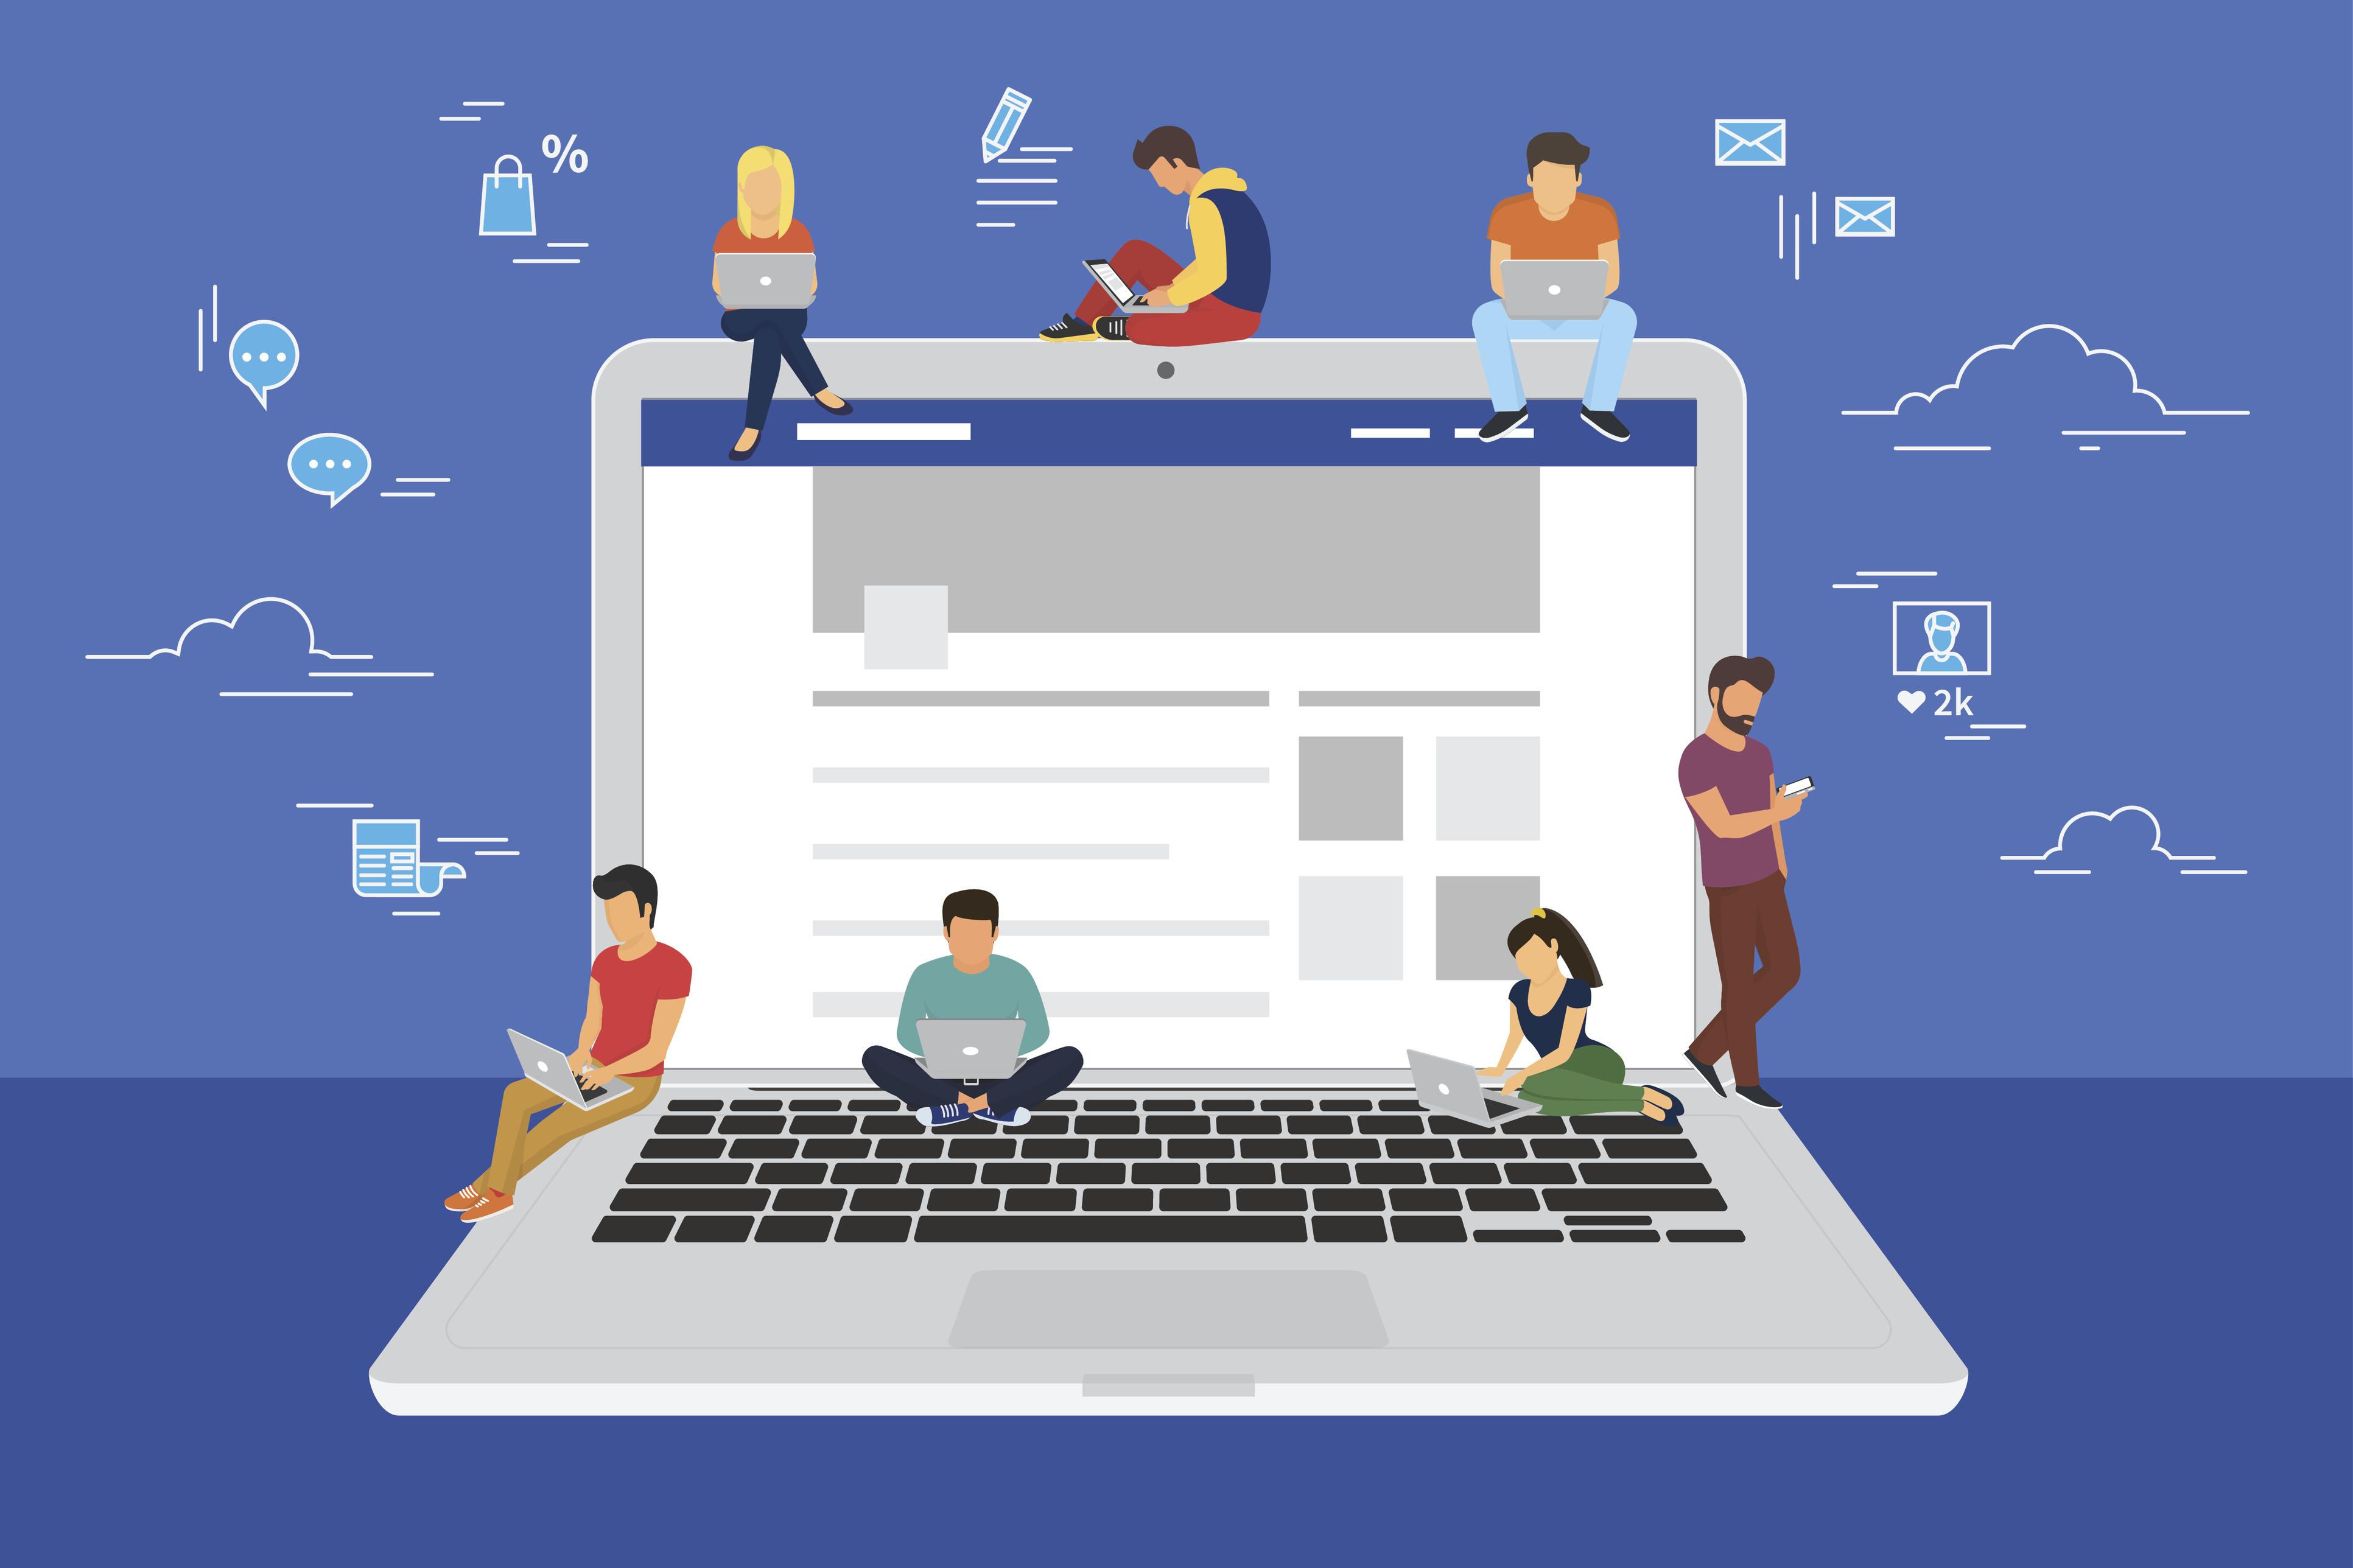 Bí quyết tiếp thị mạng xã hội hiệu quả